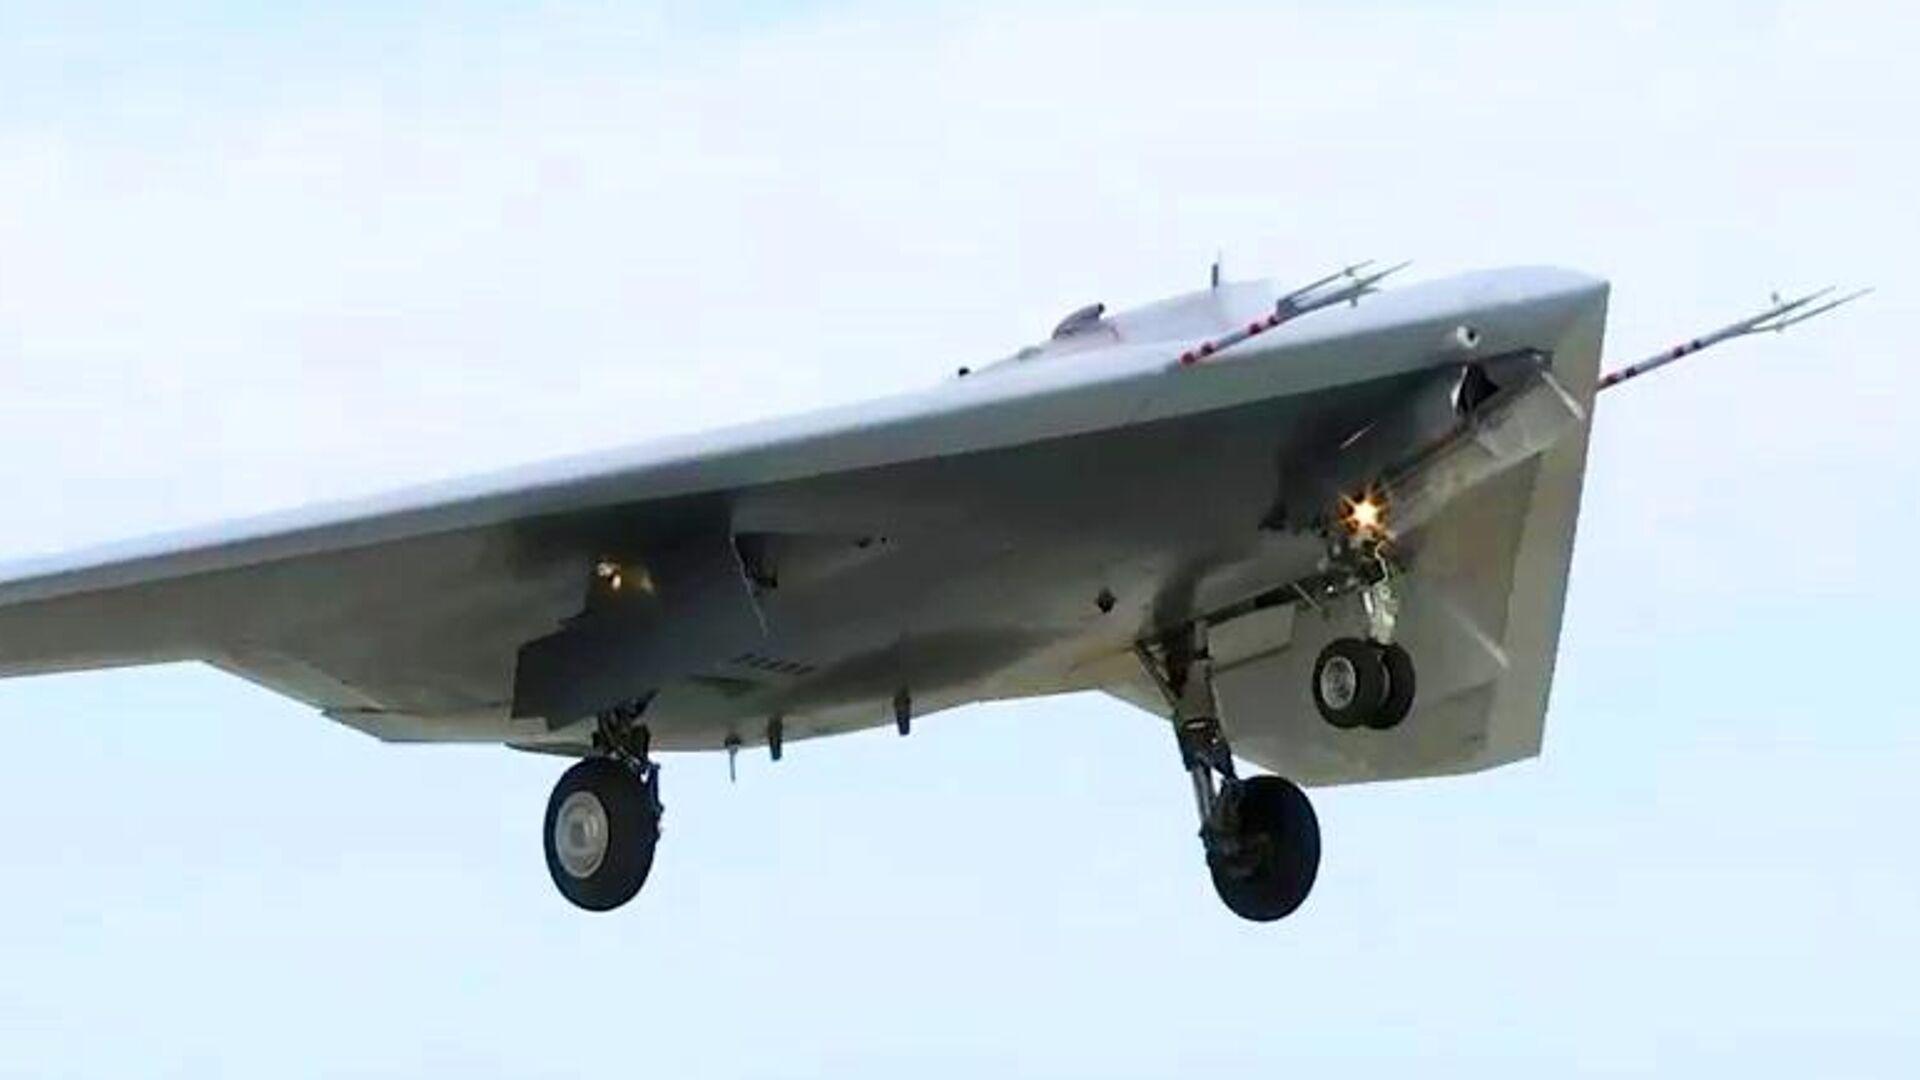 Новейший ударный беспилотник Охотник совершил первый совместный полет с Су-57 - РИА Новости, 1920, 12.01.2021